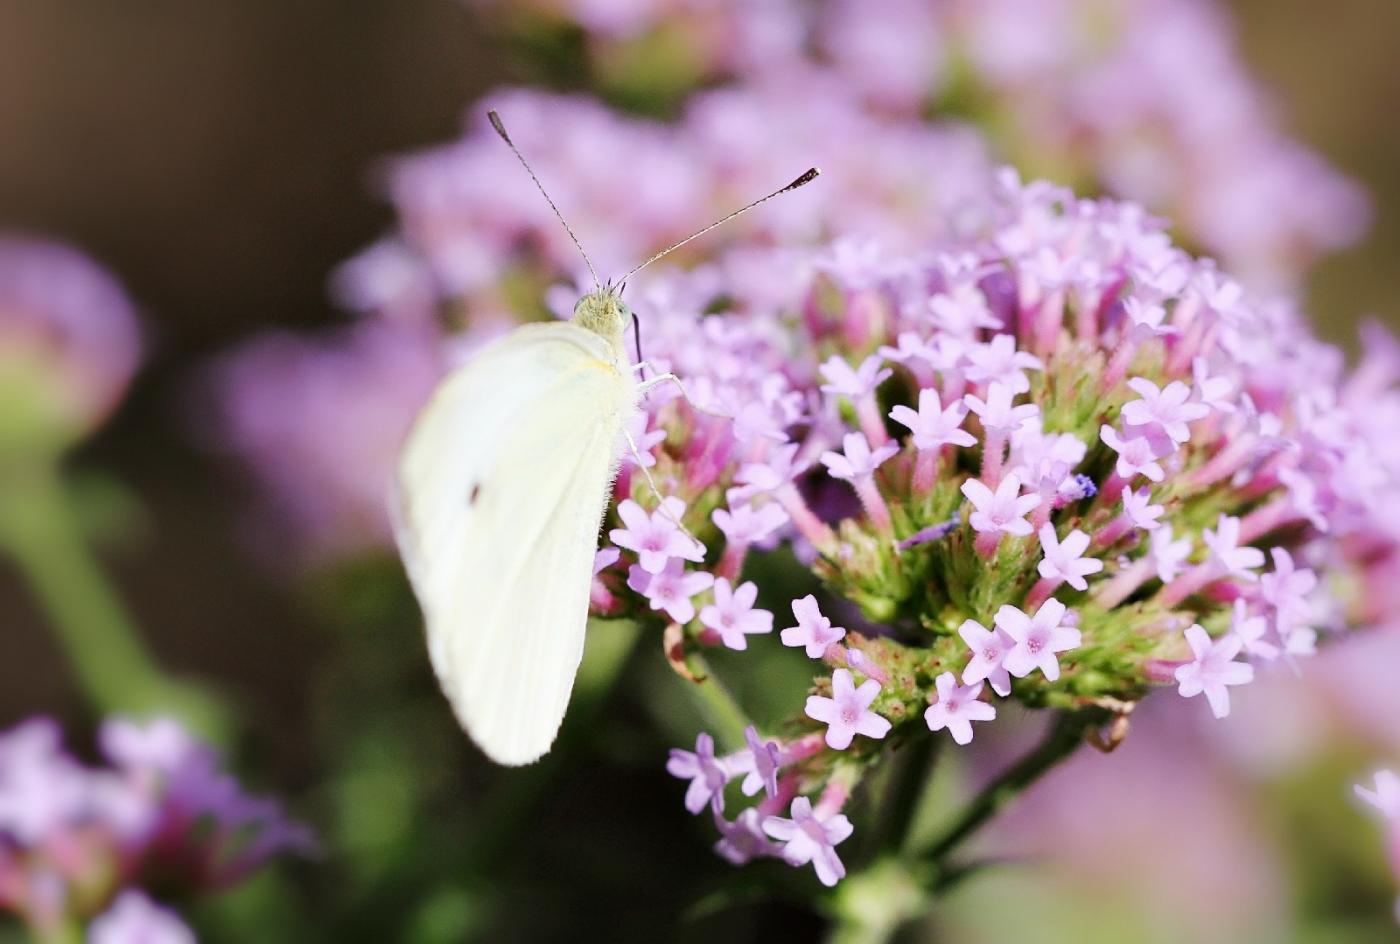 【田螺随拍】我院子里的蝴蝶_图1-9